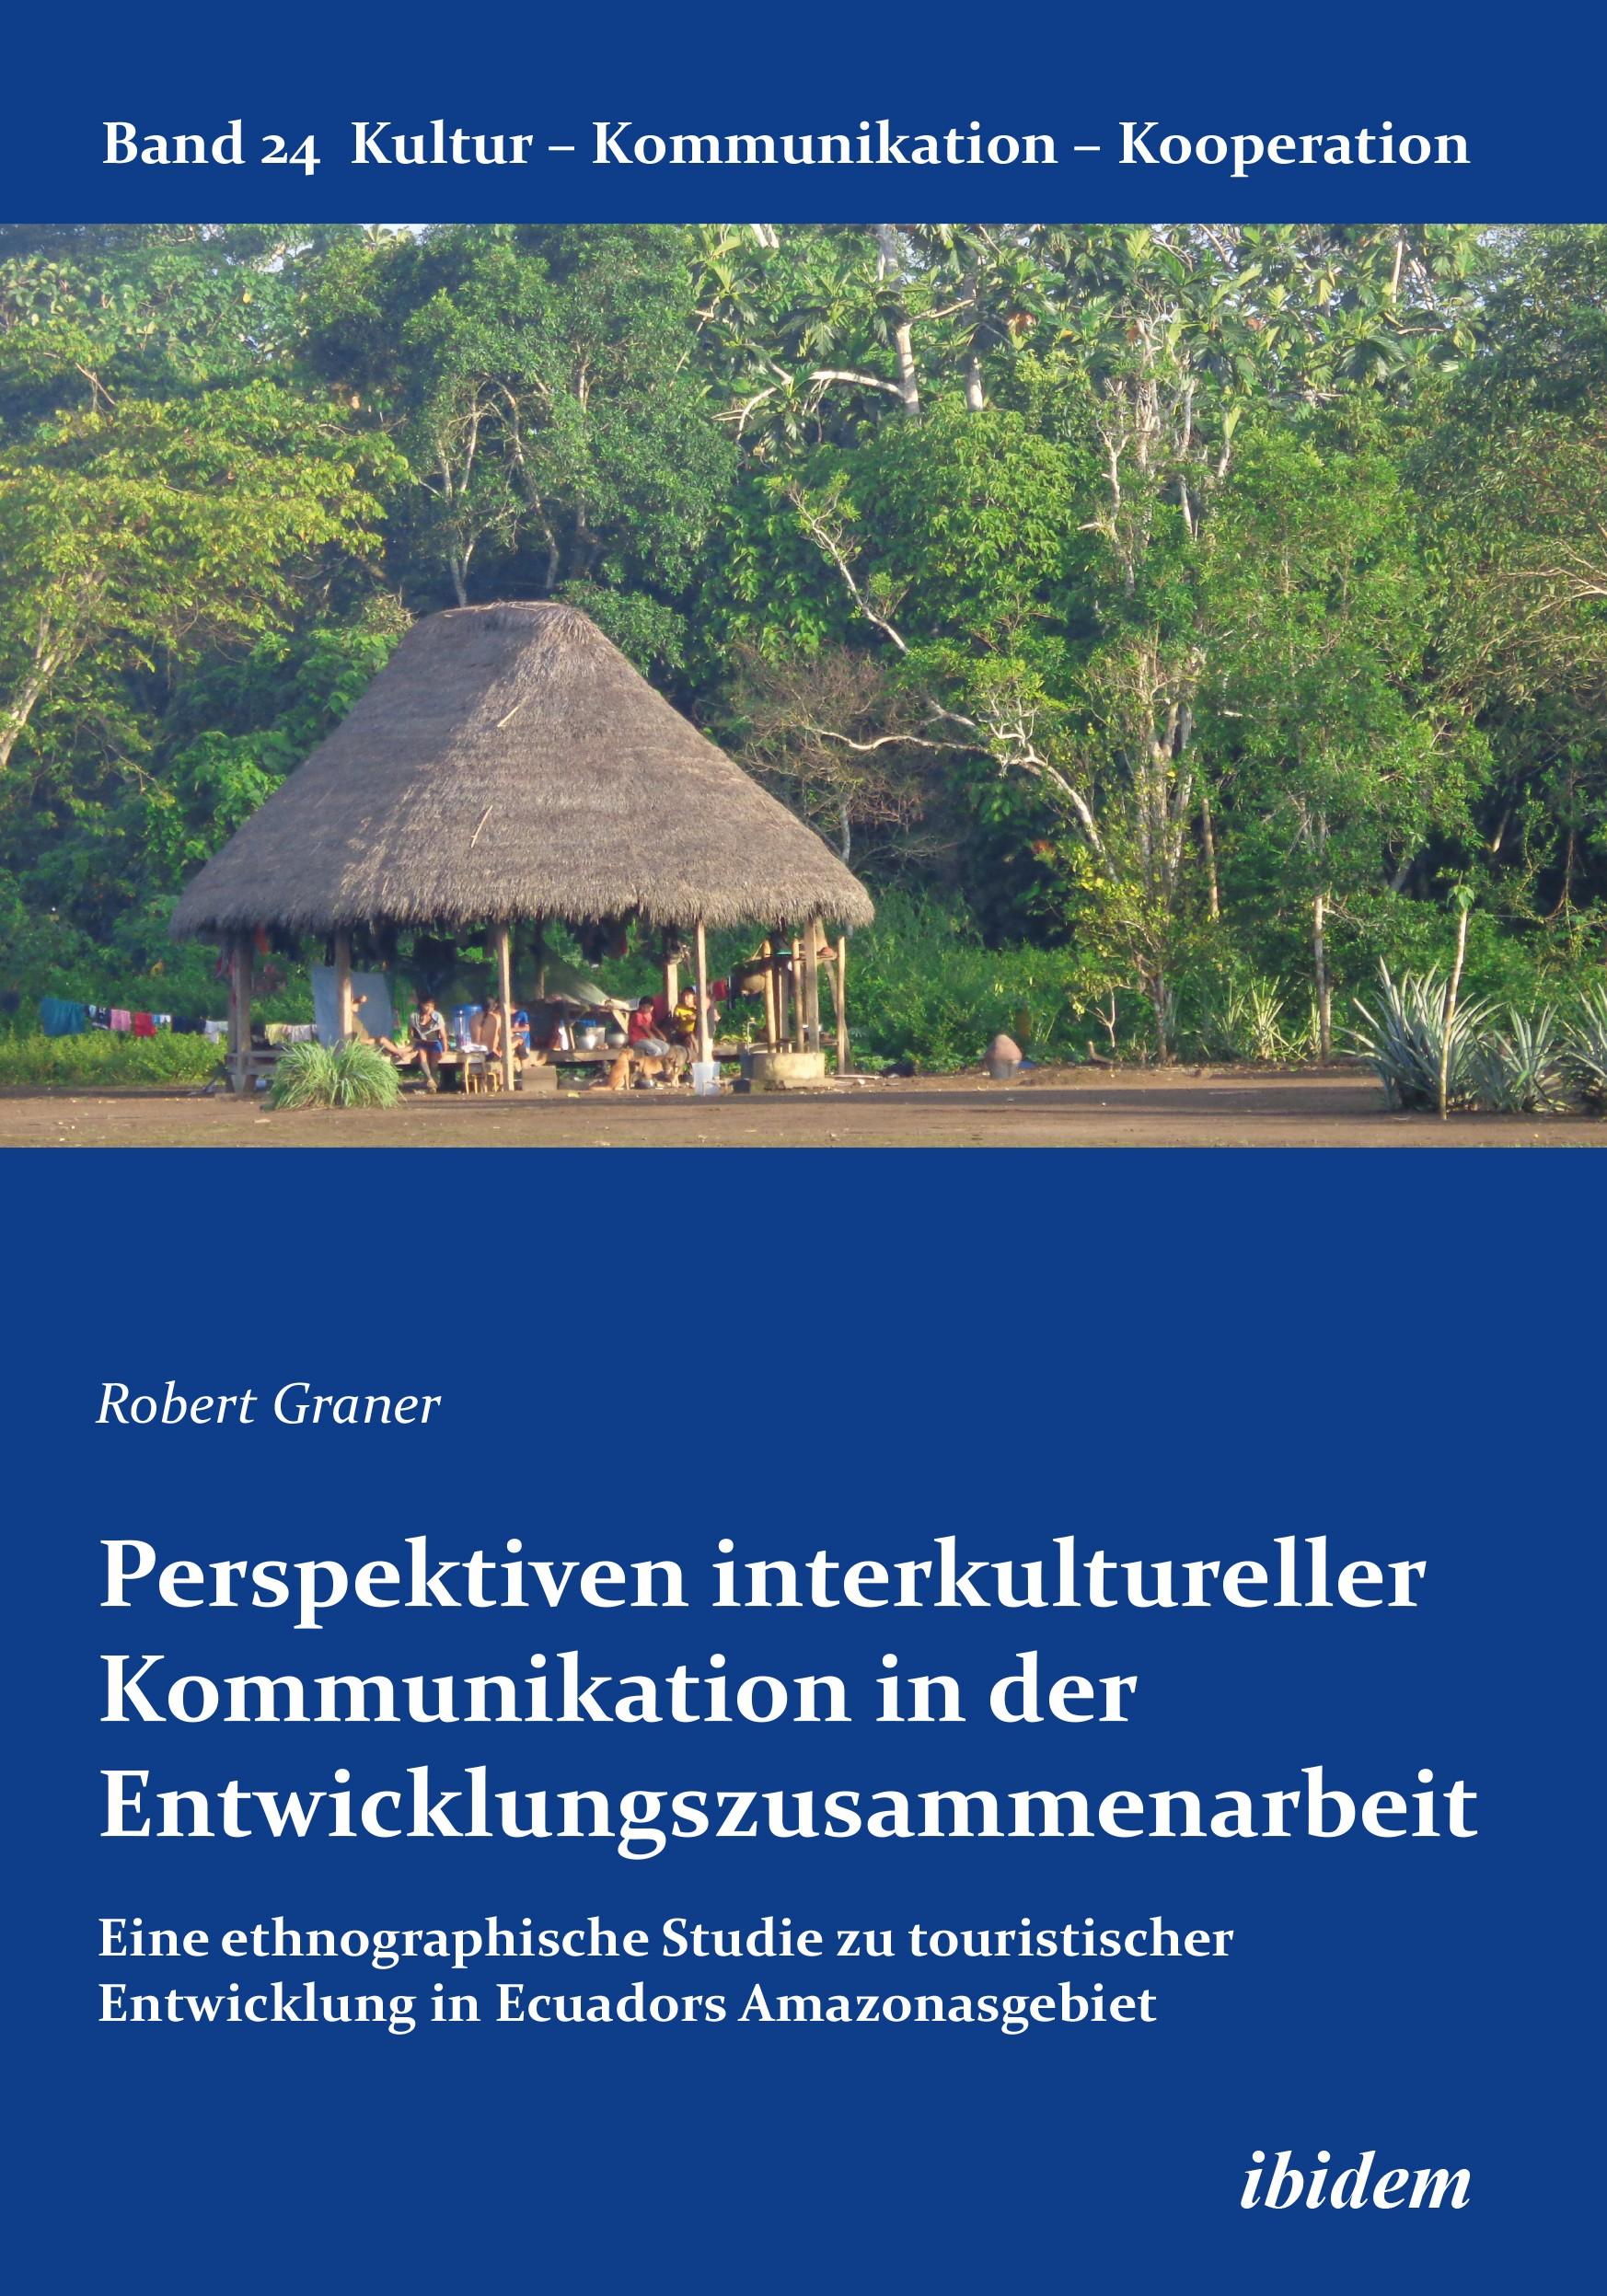 Perspektiven interkultureller Kommunikation in der Entwicklungszusammenarbeit